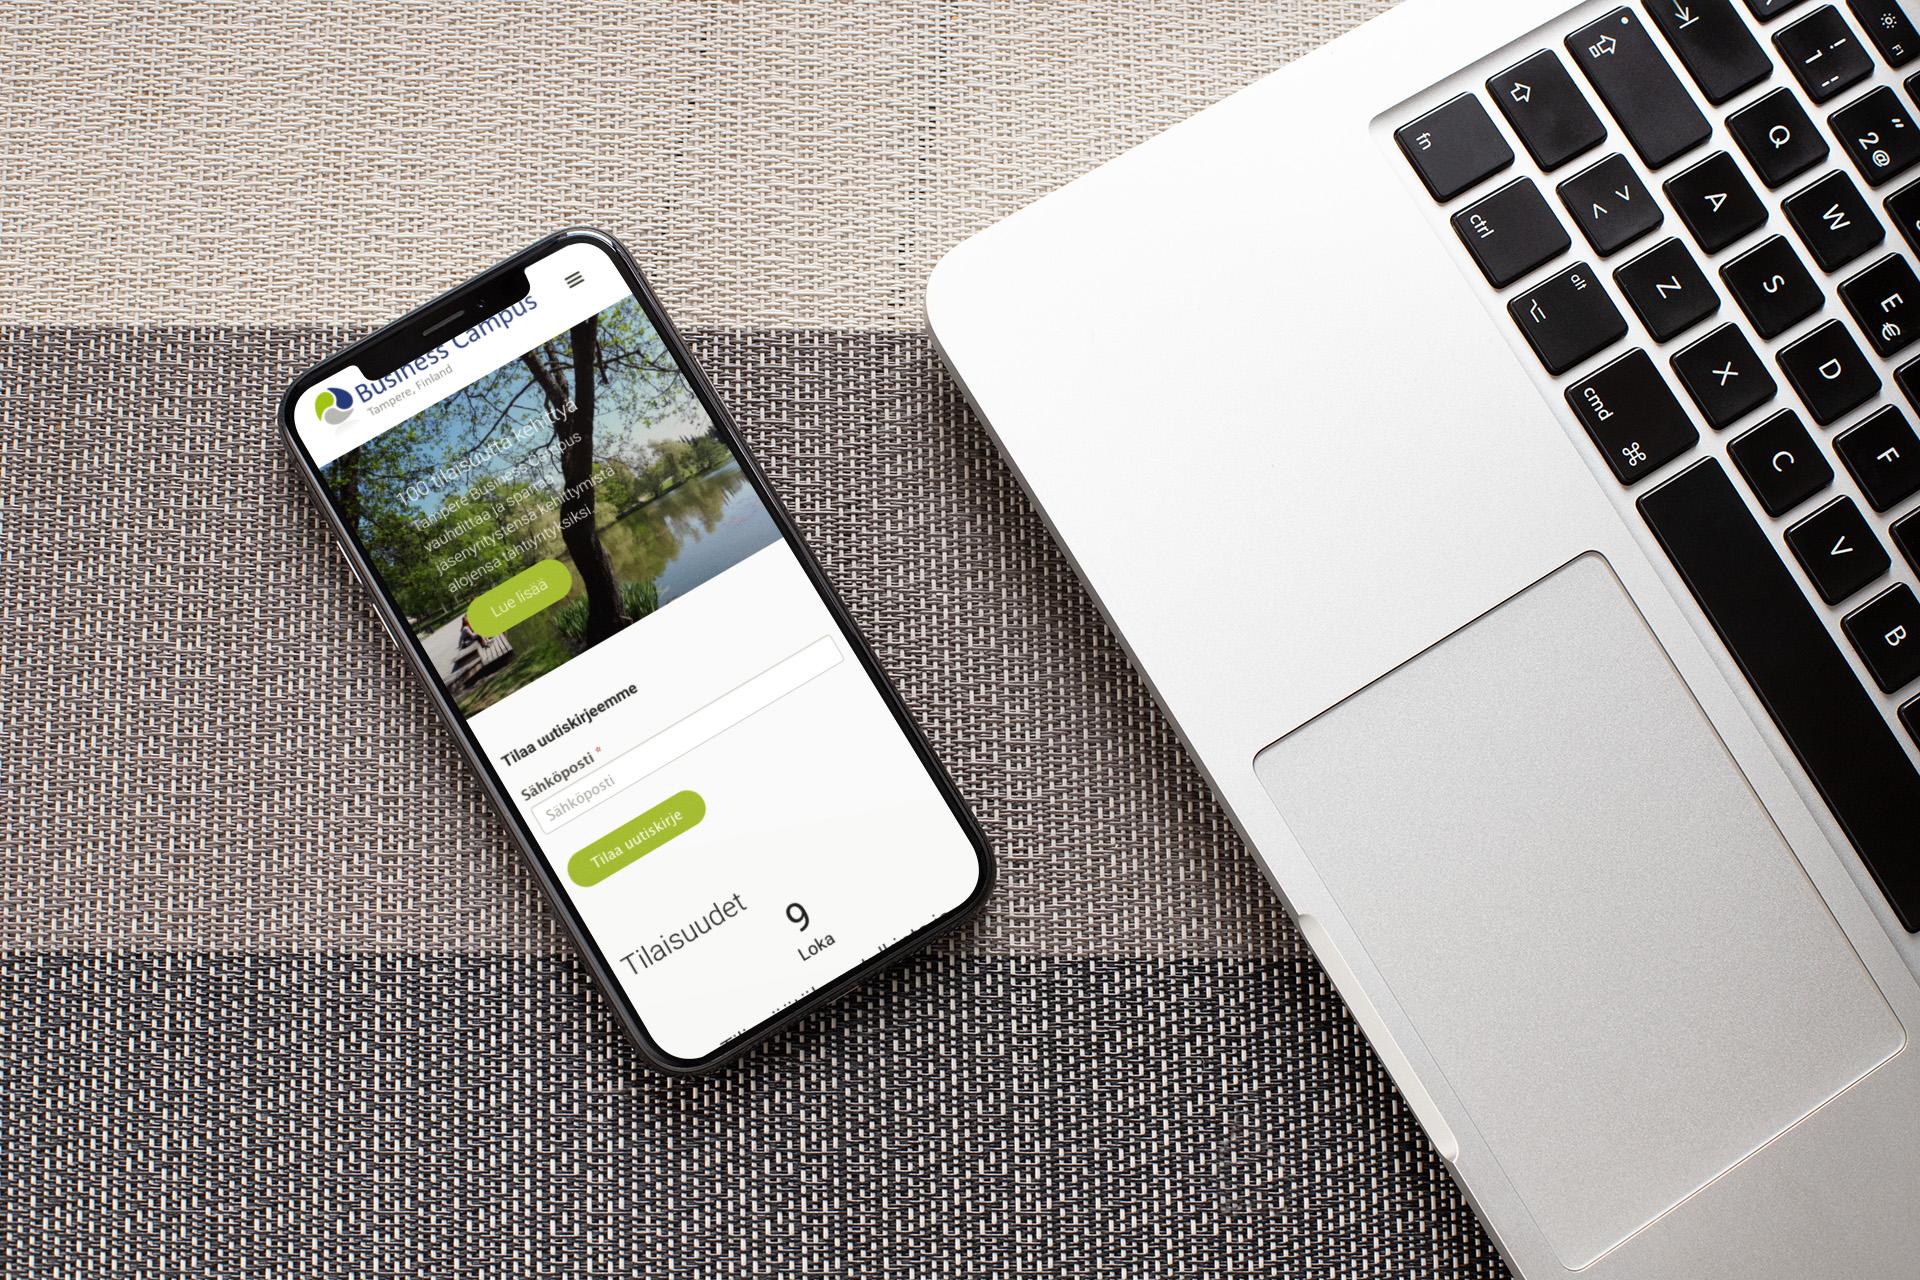 Businesscampus.fi etusivu iPhonen näytöllä.